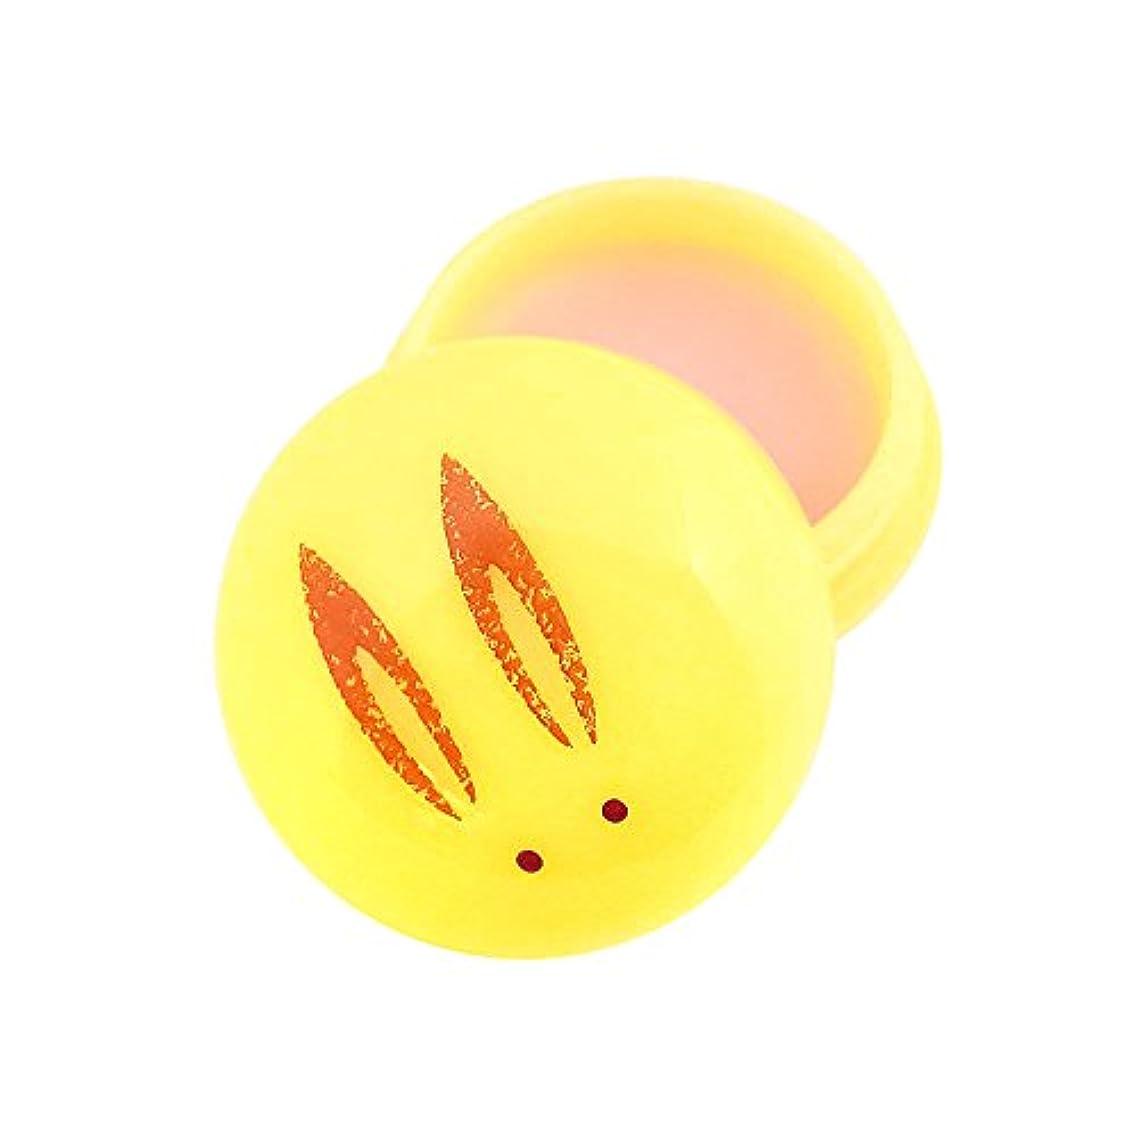 入学する忍耐買い物に行く京コスメ 舞妓さんの練り香水「うさぎ饅頭」 金木犀の香り 金木犀 沈丁花 桃 単品